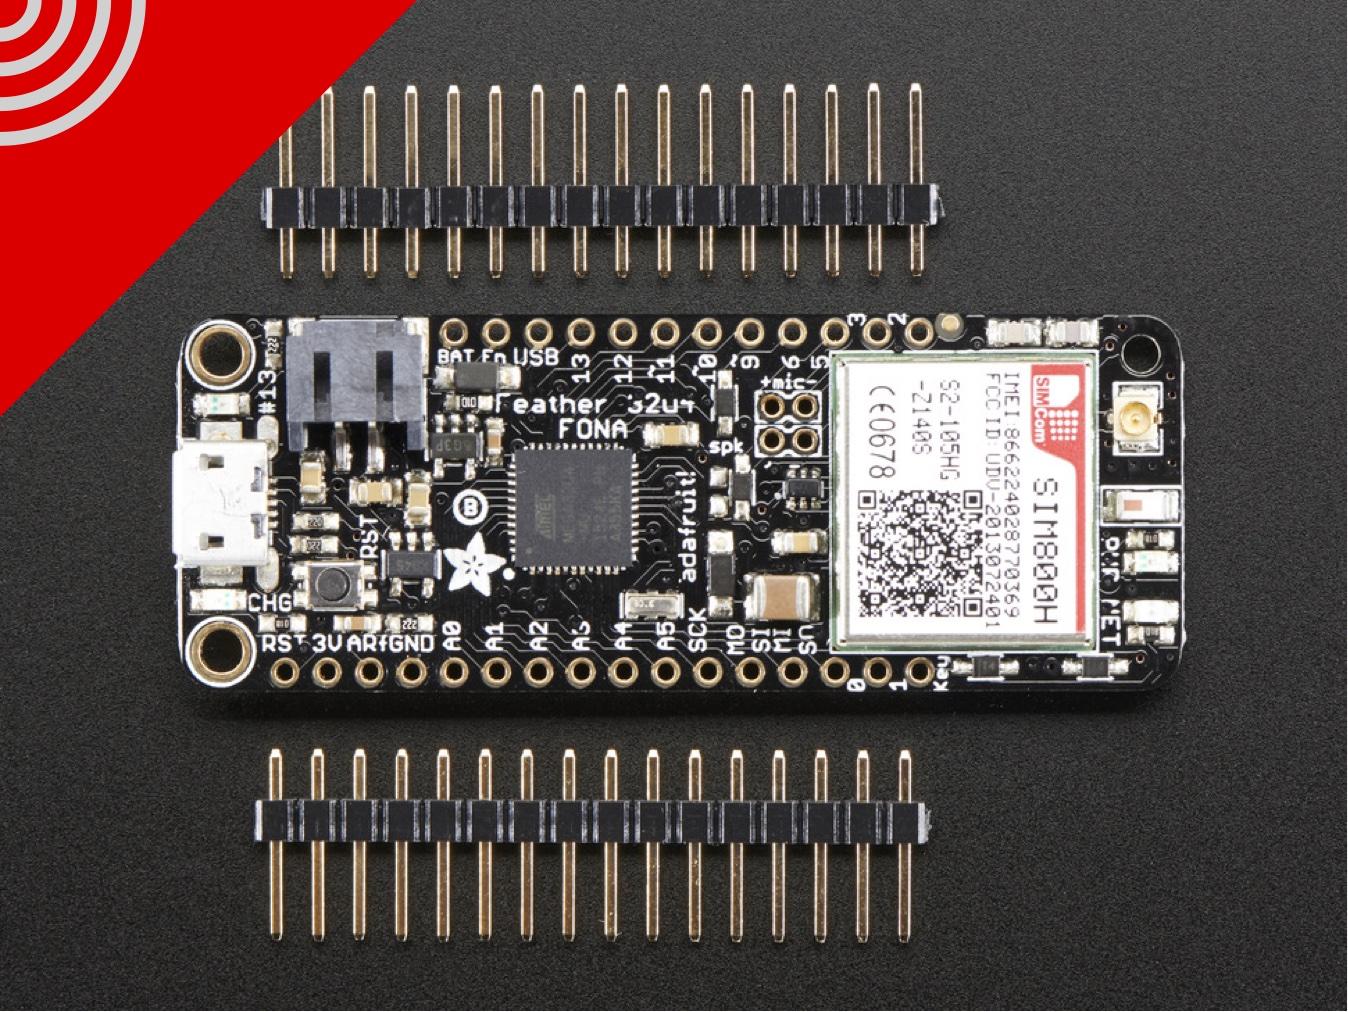 microcontrollers_feather-32u4-fona.jpg